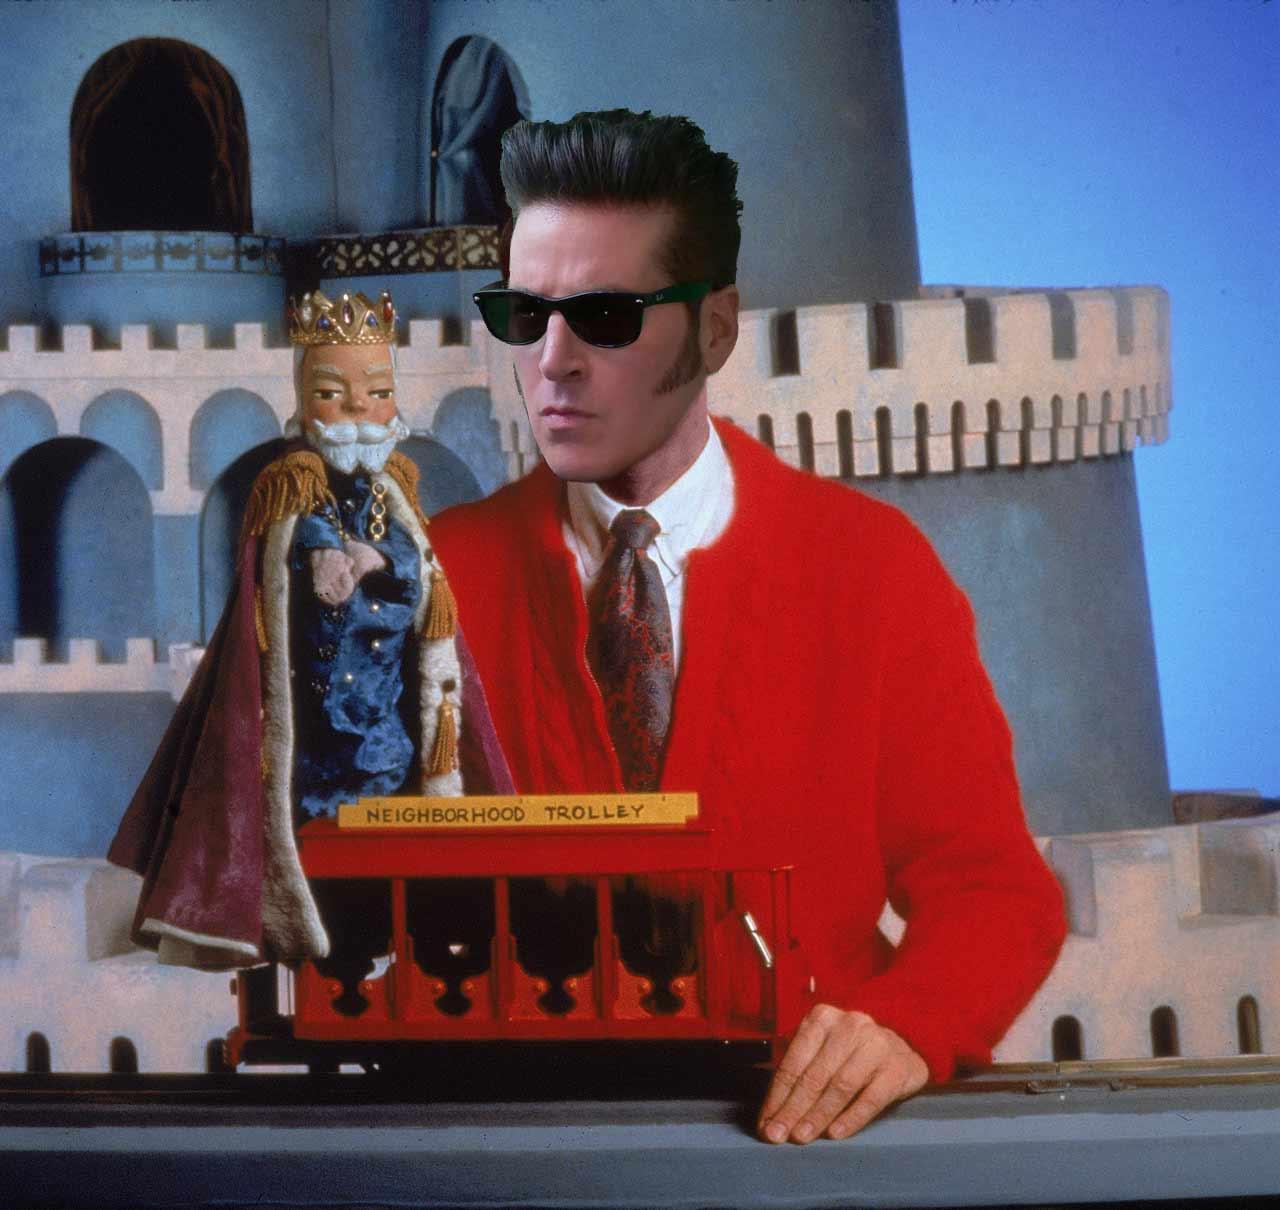 Joe-Sparks-Mr-Rogers